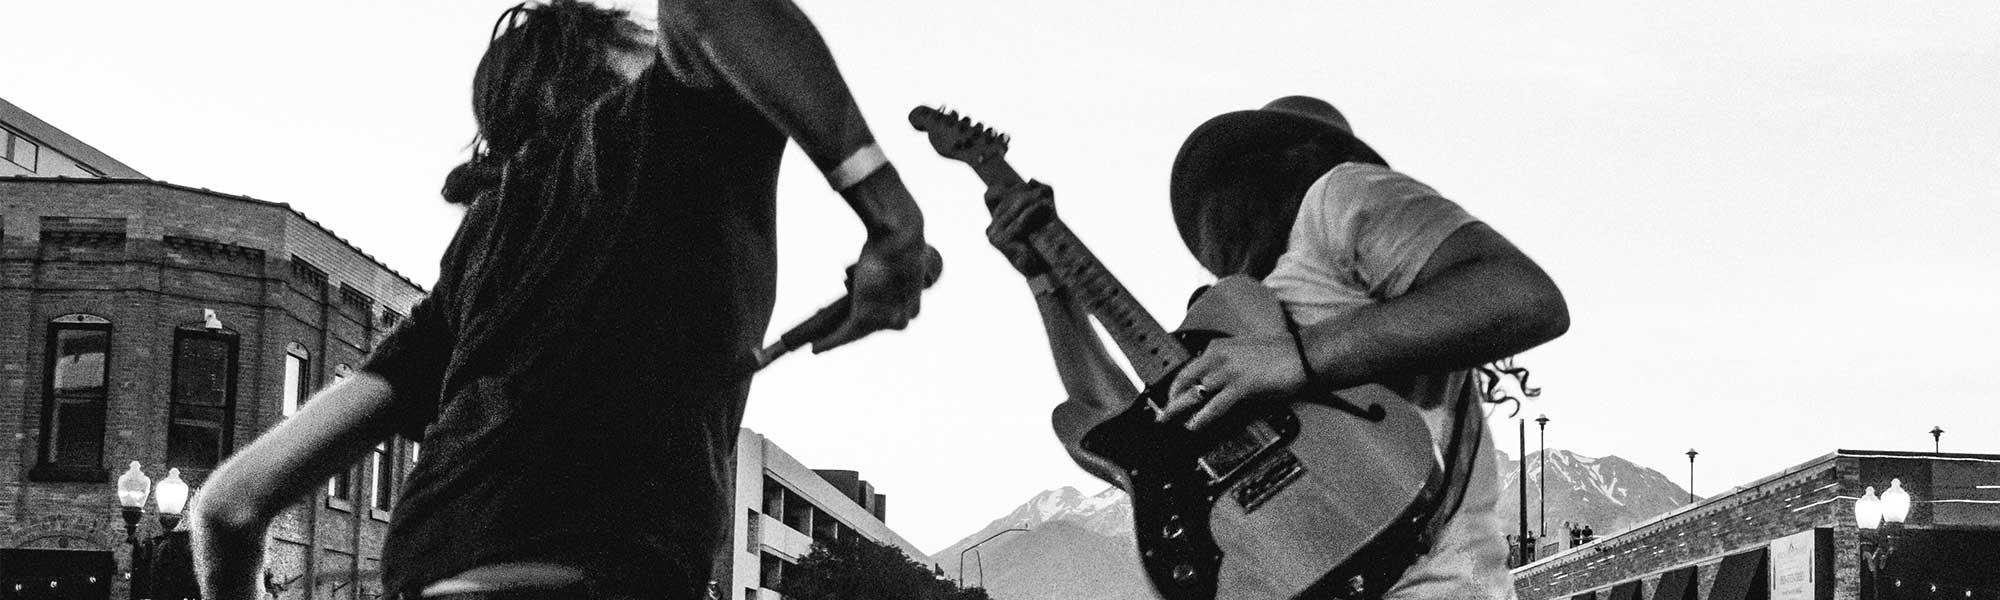 Rockband Hamburg buchen für Event